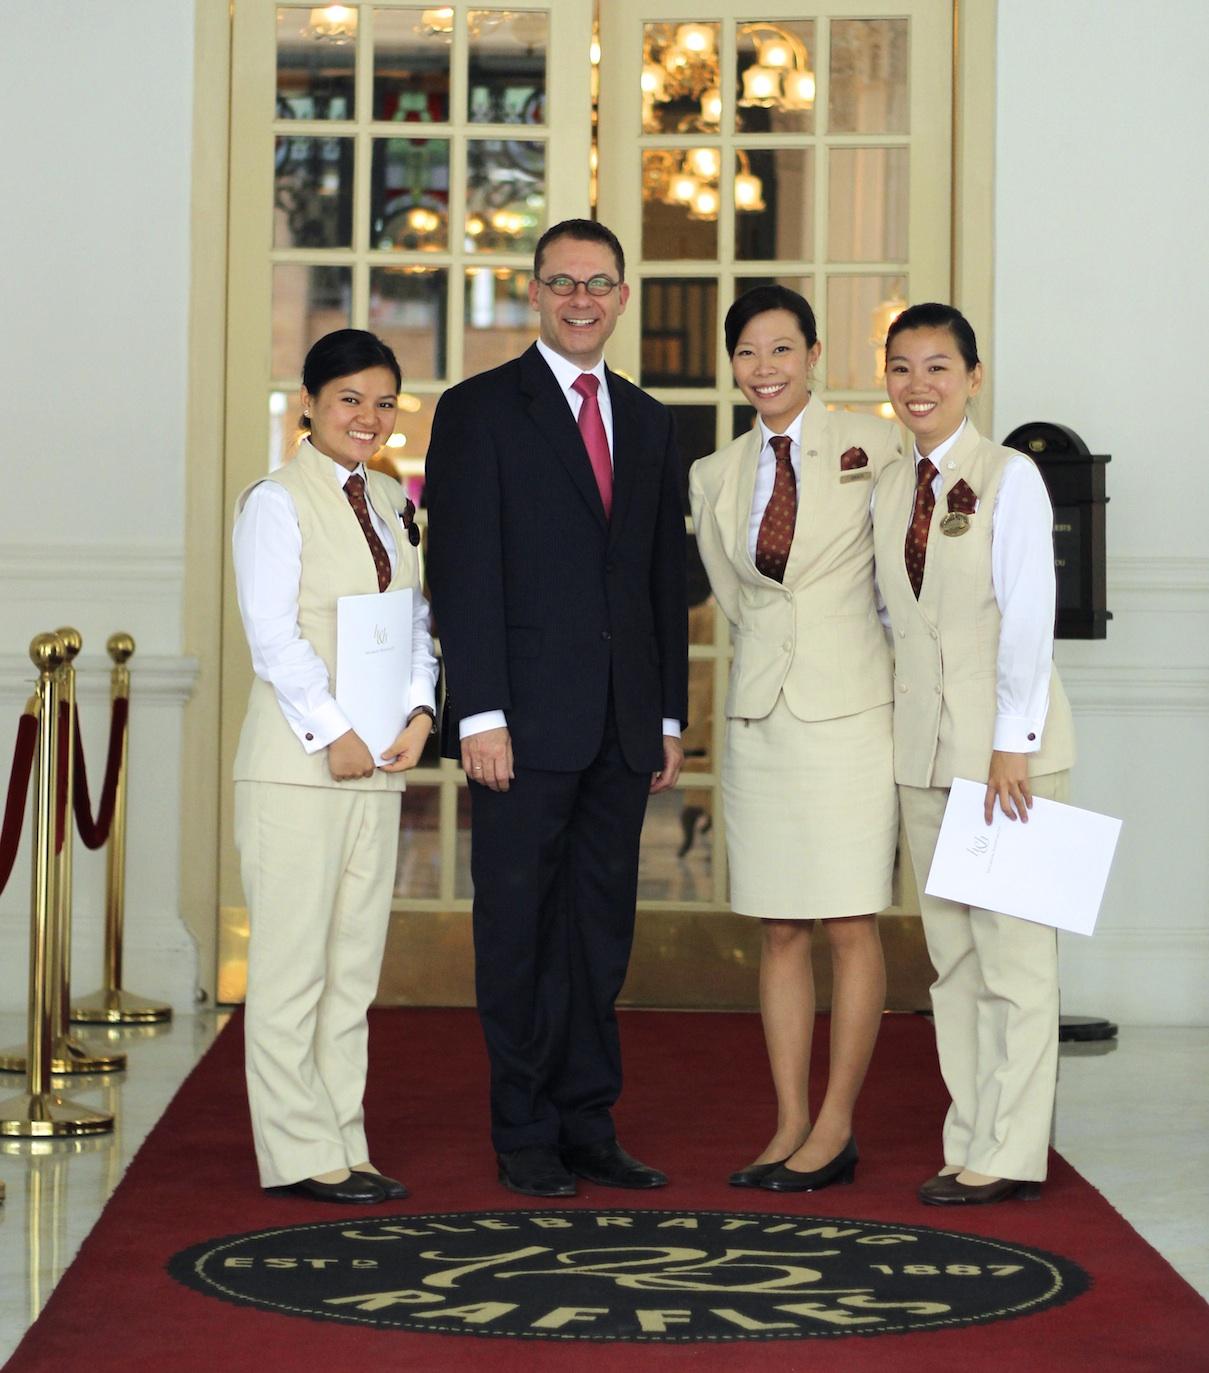 Gallery heilbron hospitality for Spa uniform singapore